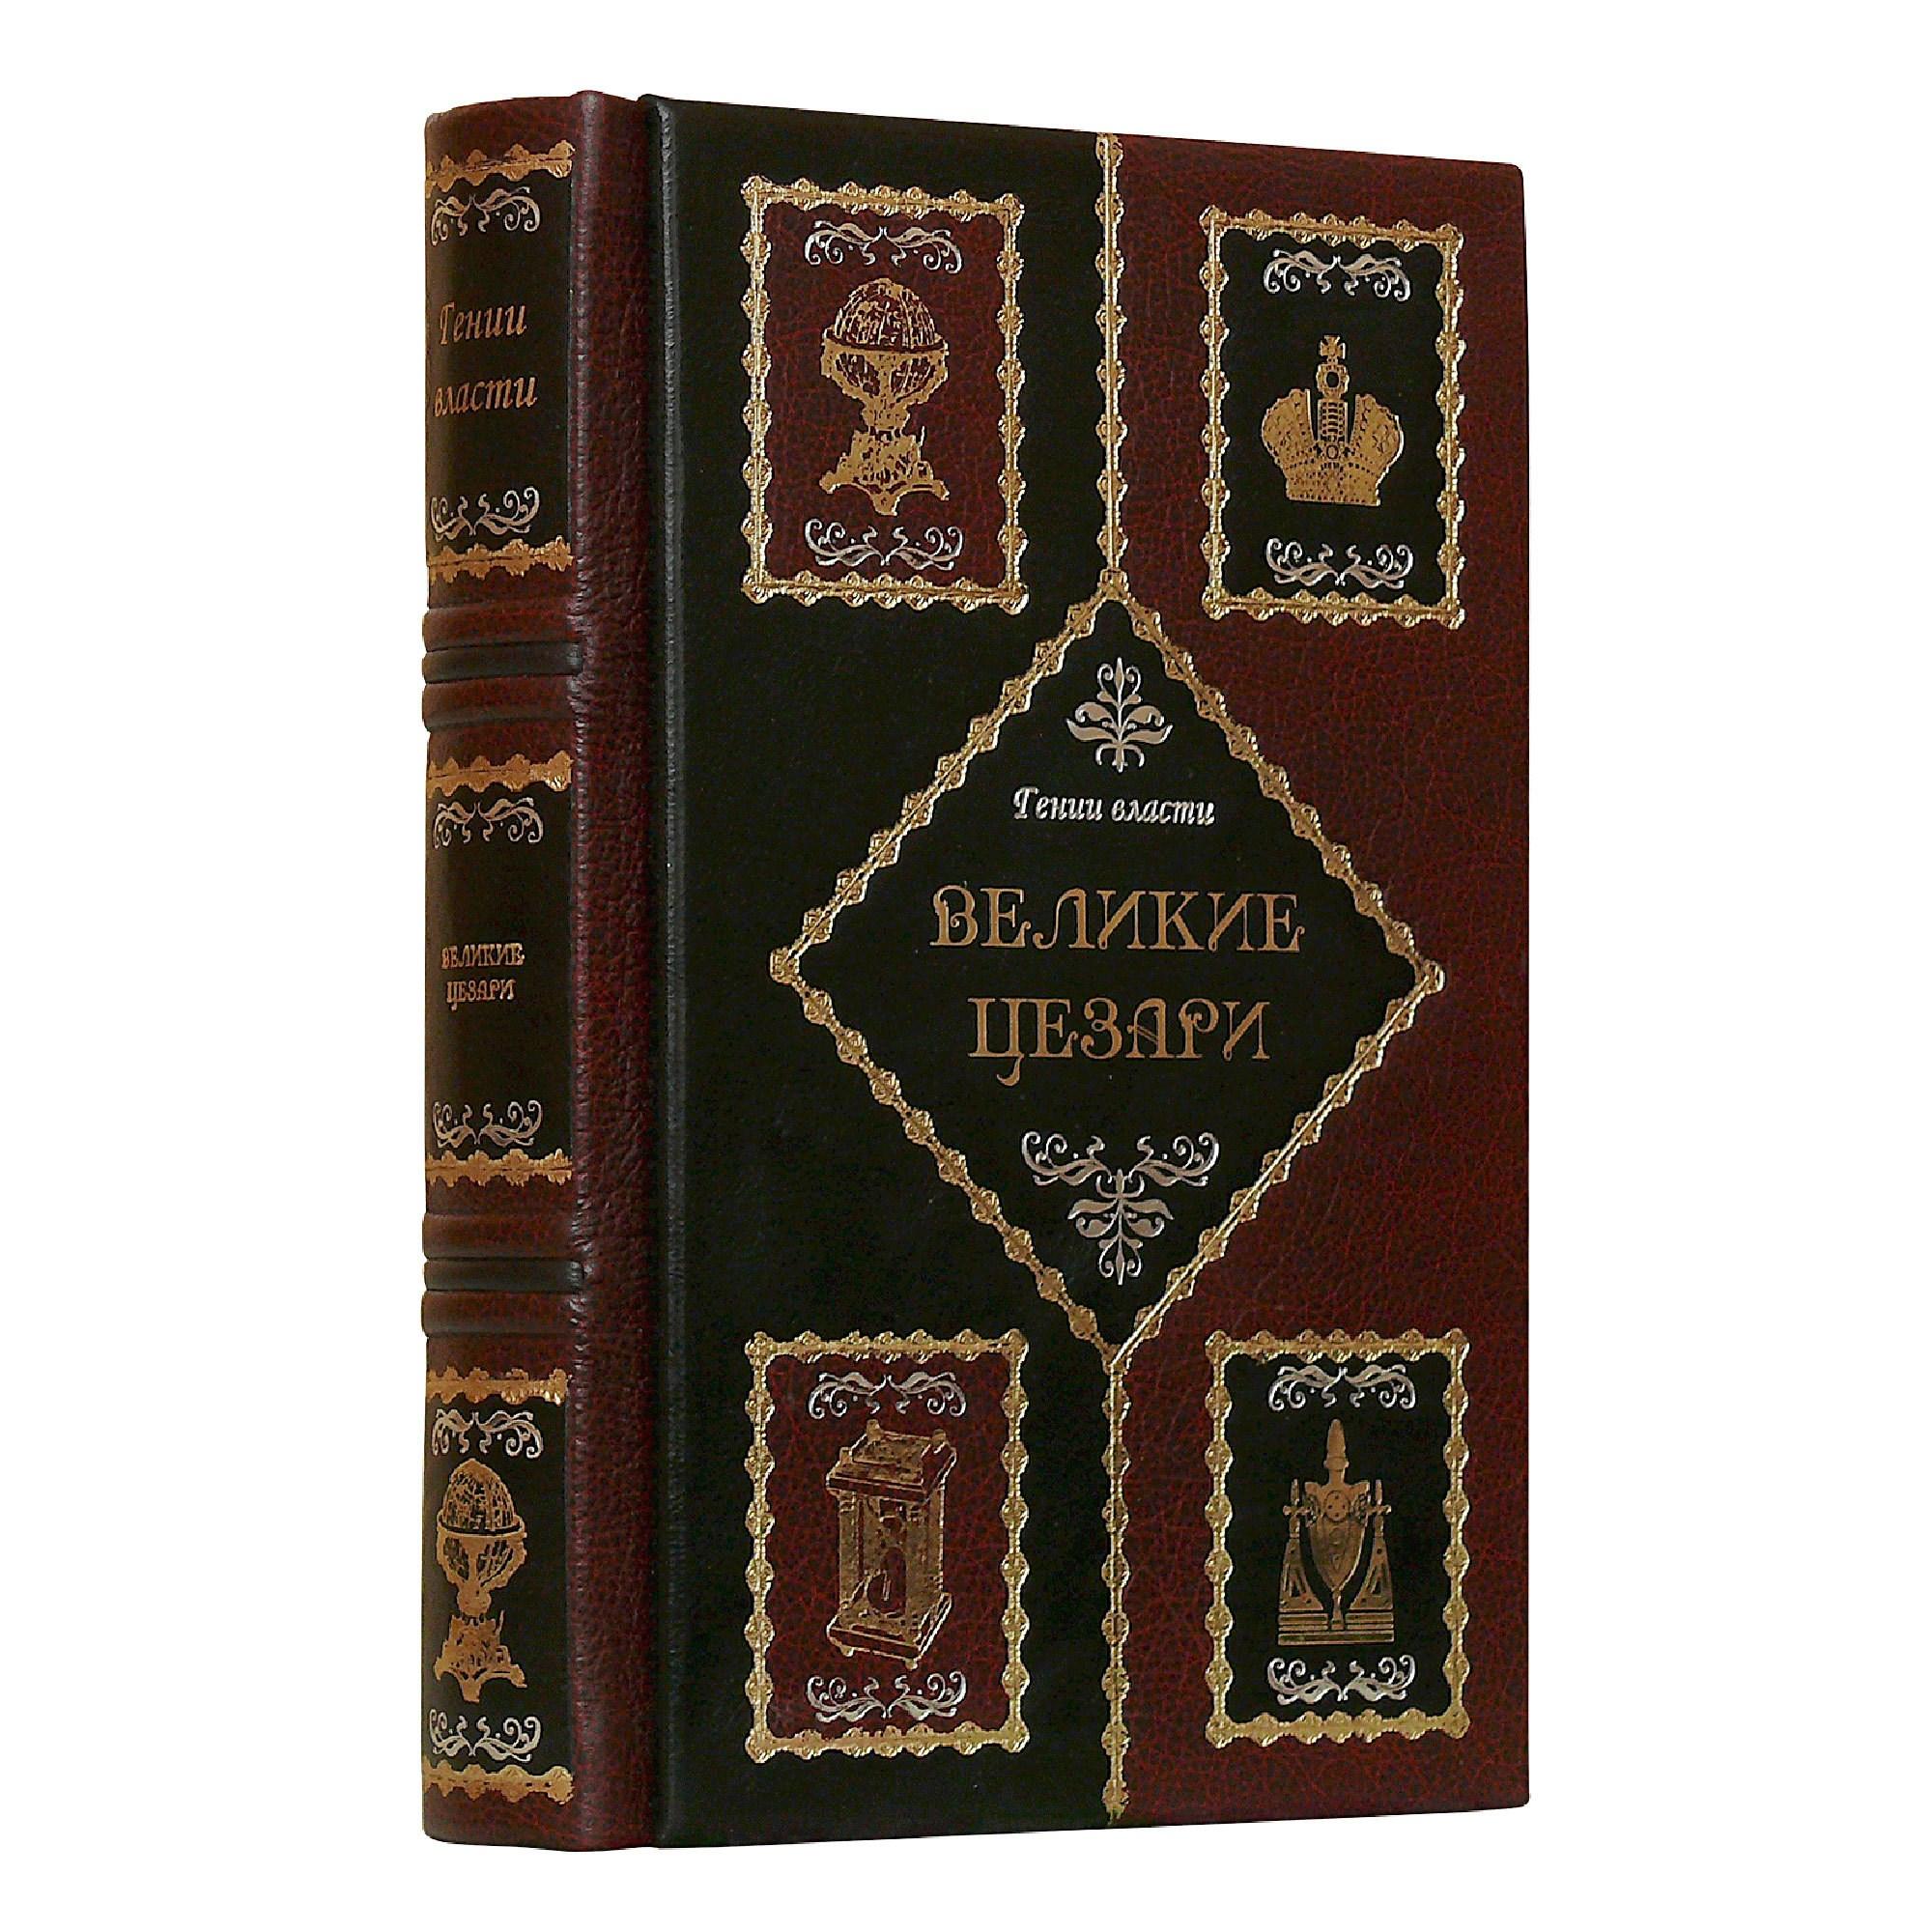 Книга «Великие цезари»